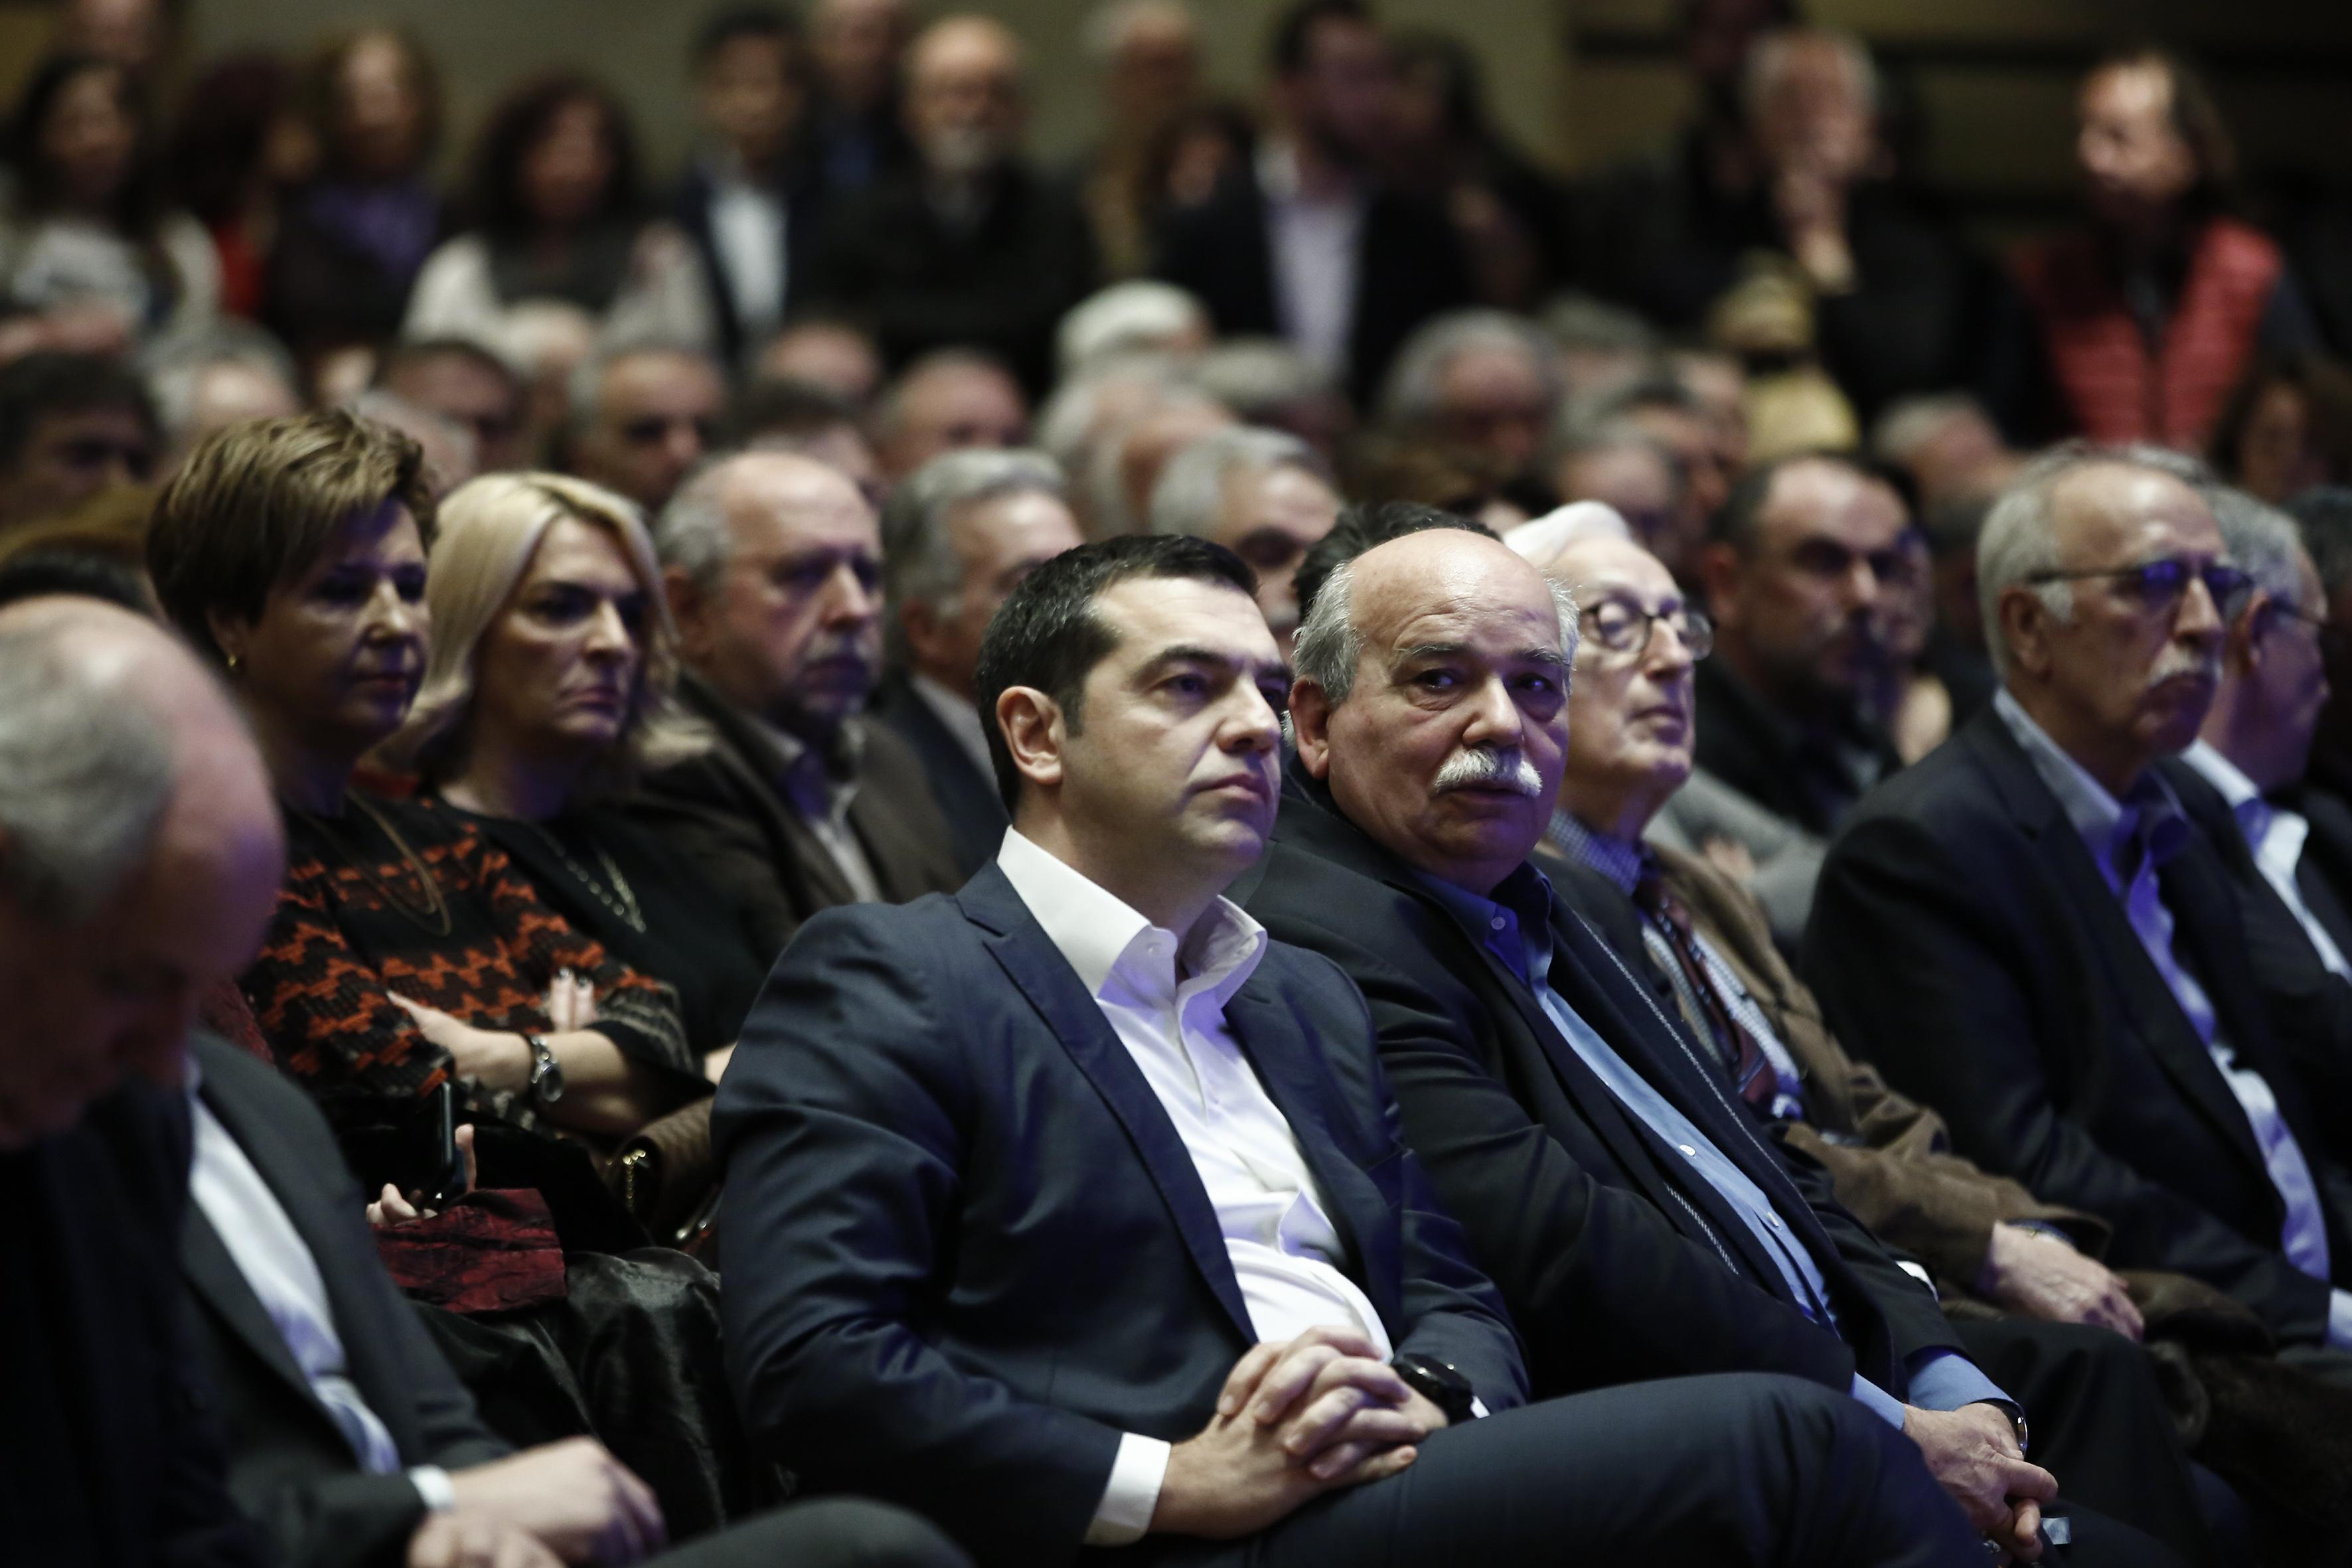 tsipras-sta-istorika-dilimmata-prepei-na-pairnontai-istorikes-apofaseis-vinteo-fotografies3